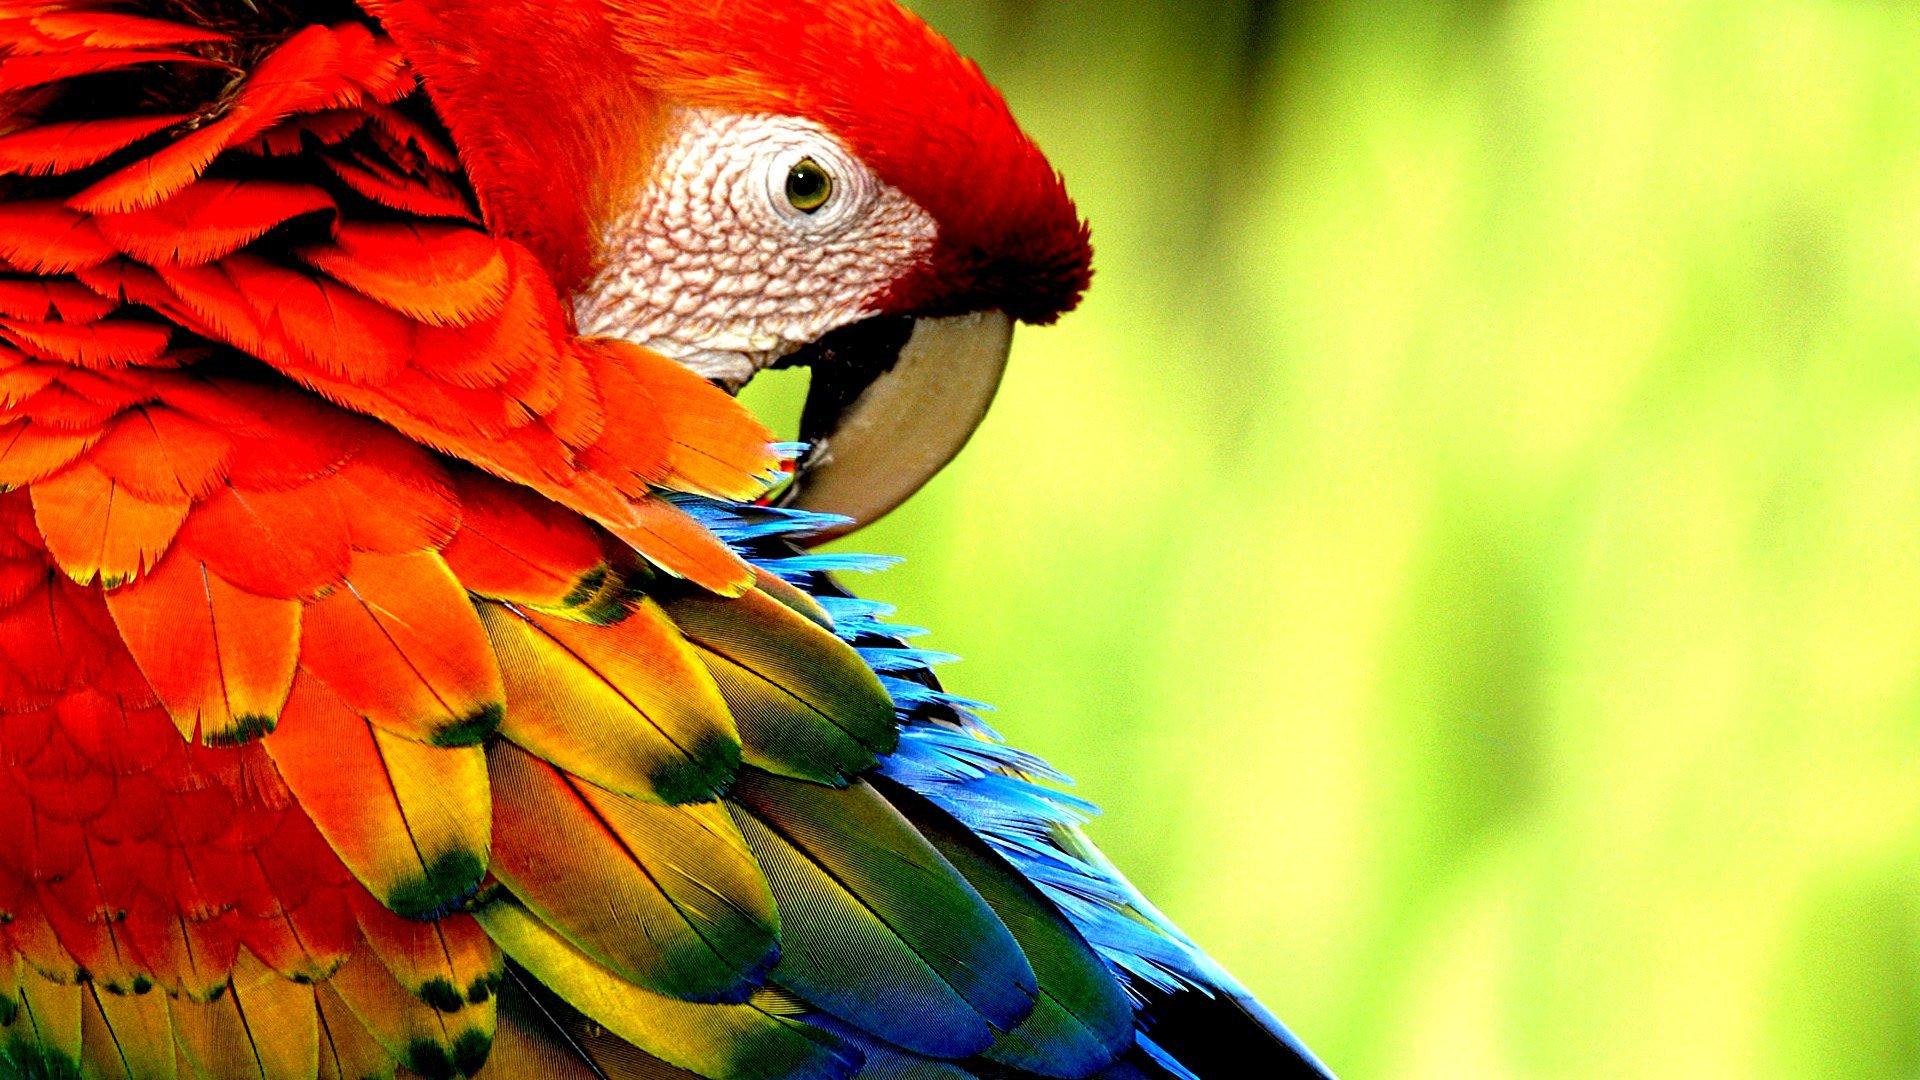 macaw parrot bird tropical (71) wallpaper | 1920x1080 | 362969